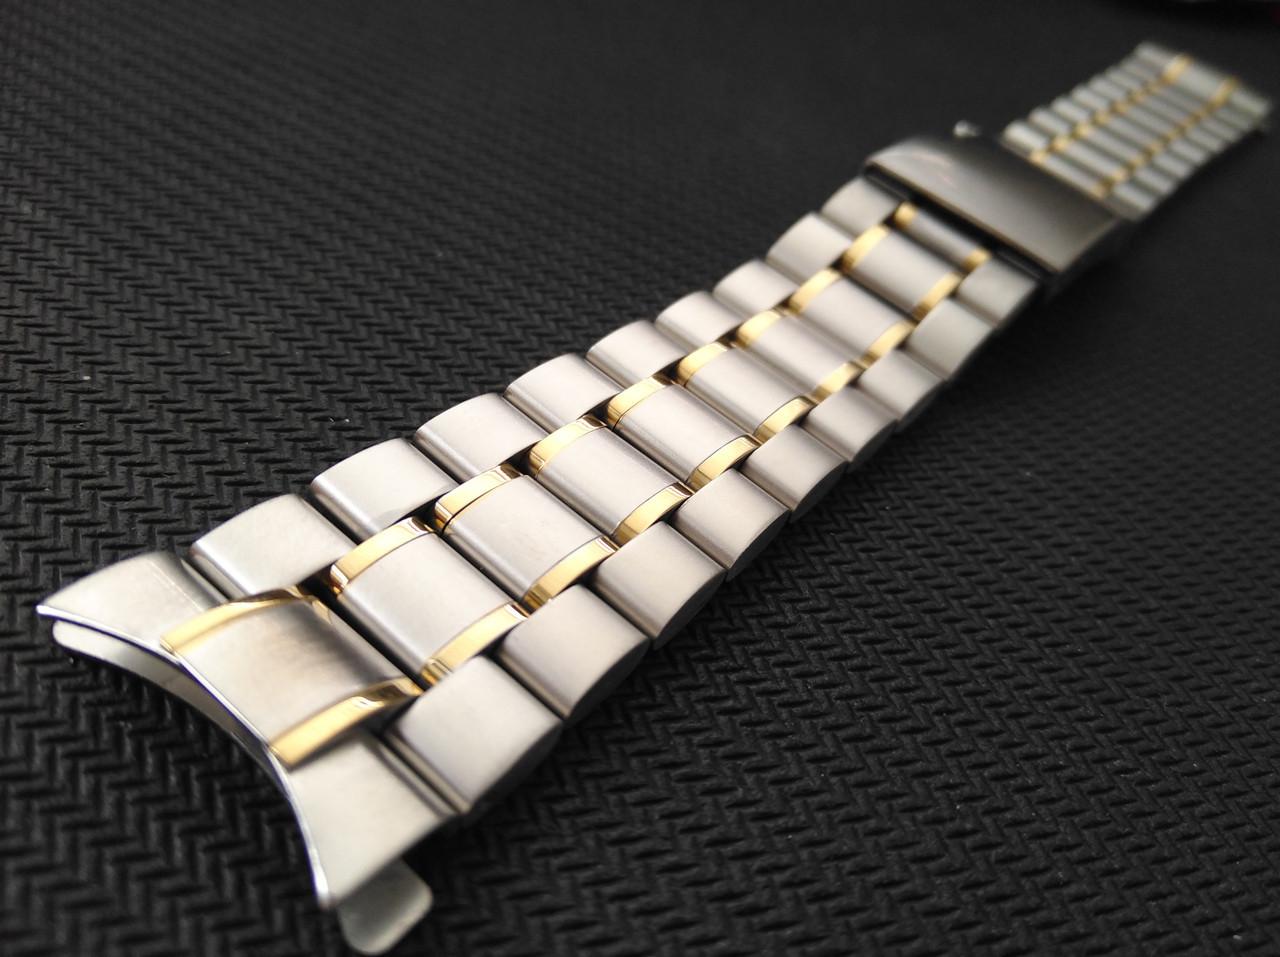 Браслет для часов из нержавеющей стали, глянец/мат с позолотойй. 22 мм